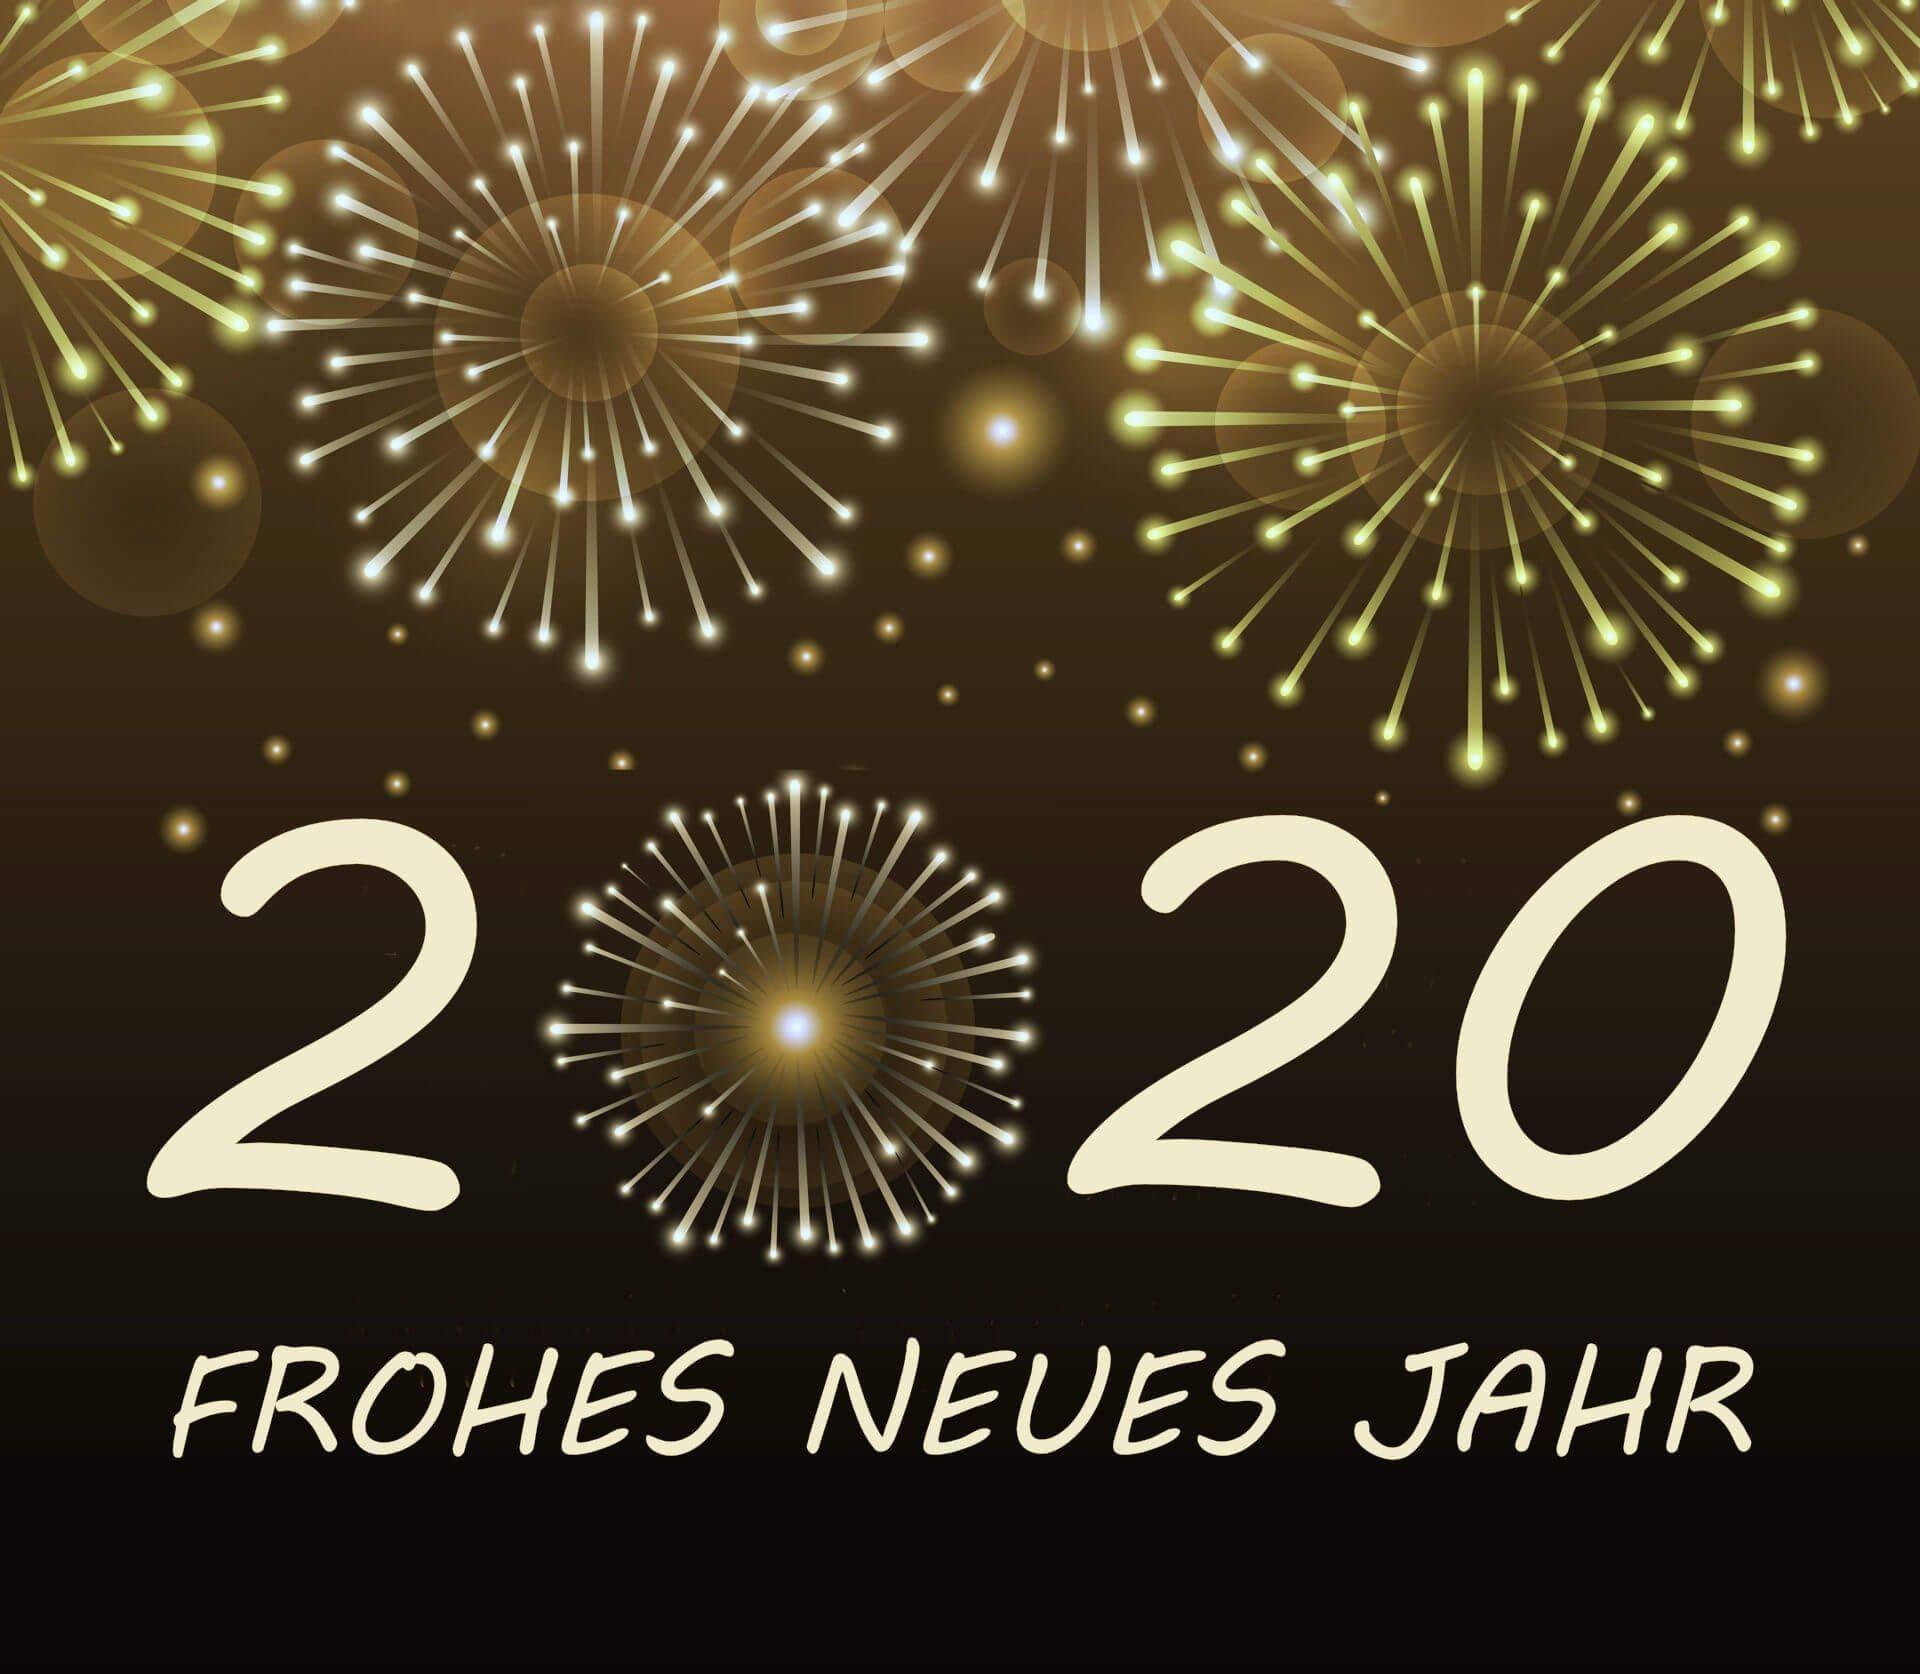 Neujahrswünsche 2020 in englischer Sprache ...